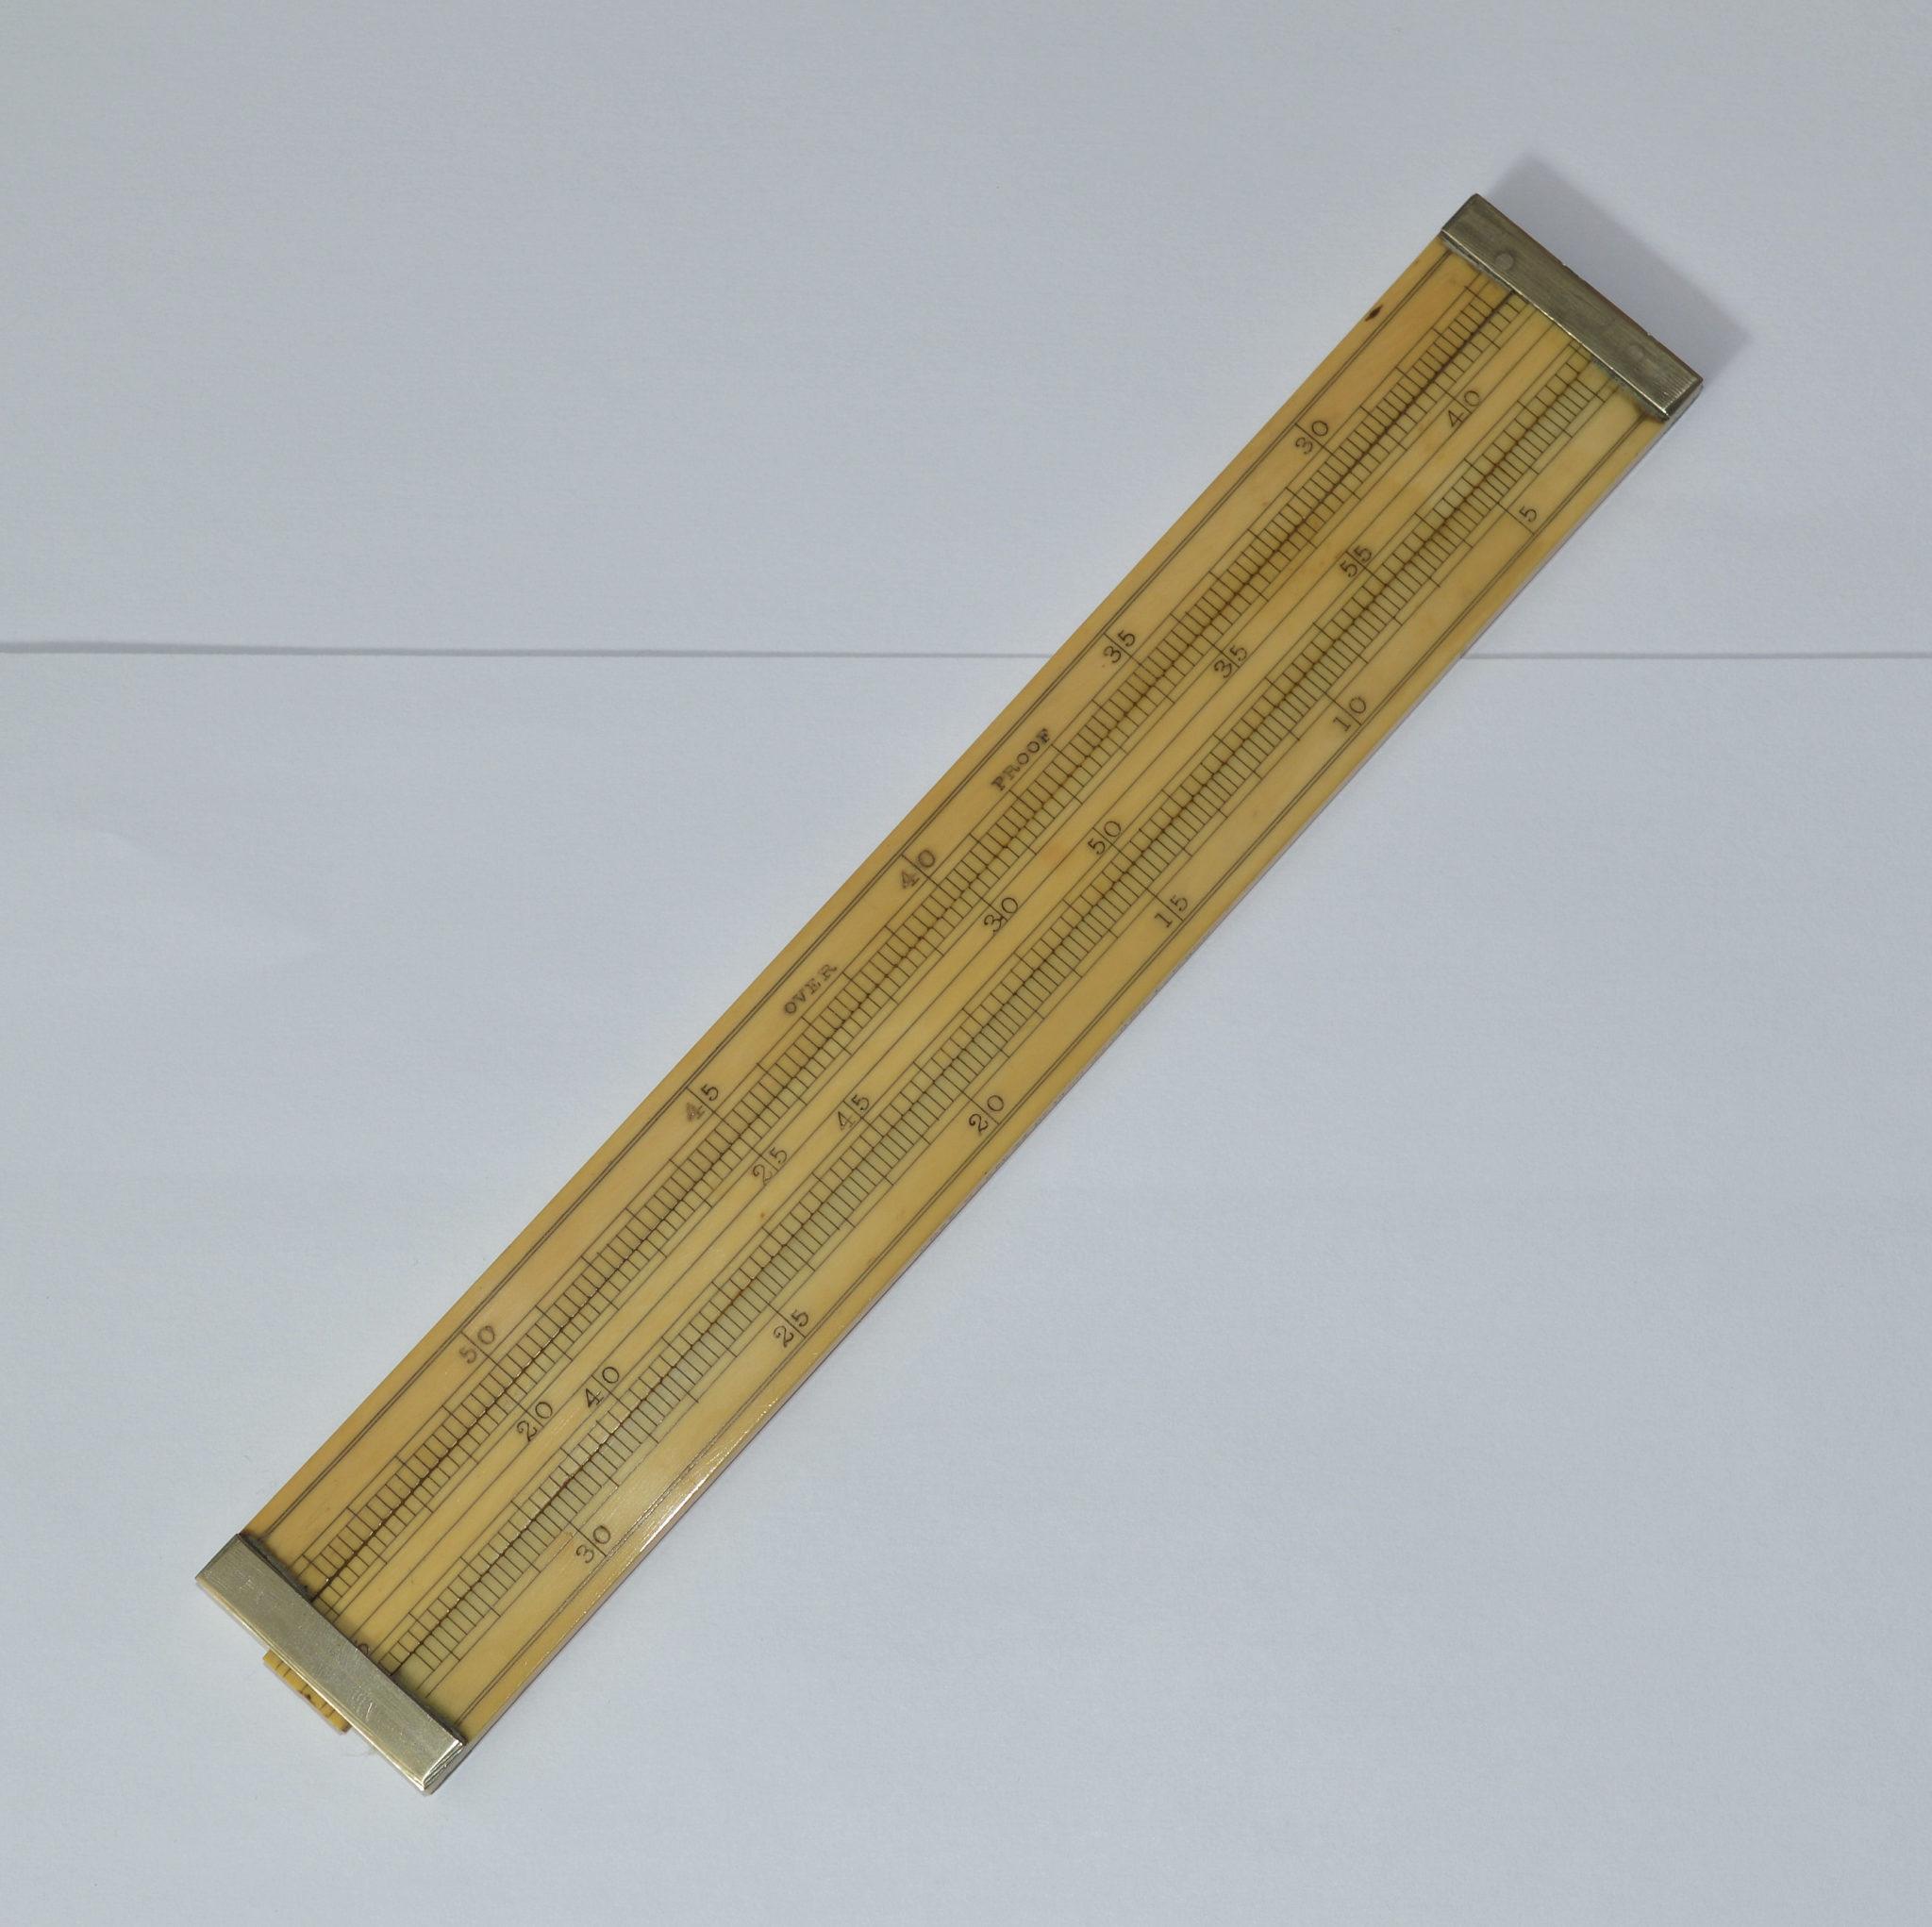 9 inch ivory slide rule – Buss, Maker, 33 Hatton Garden, London.